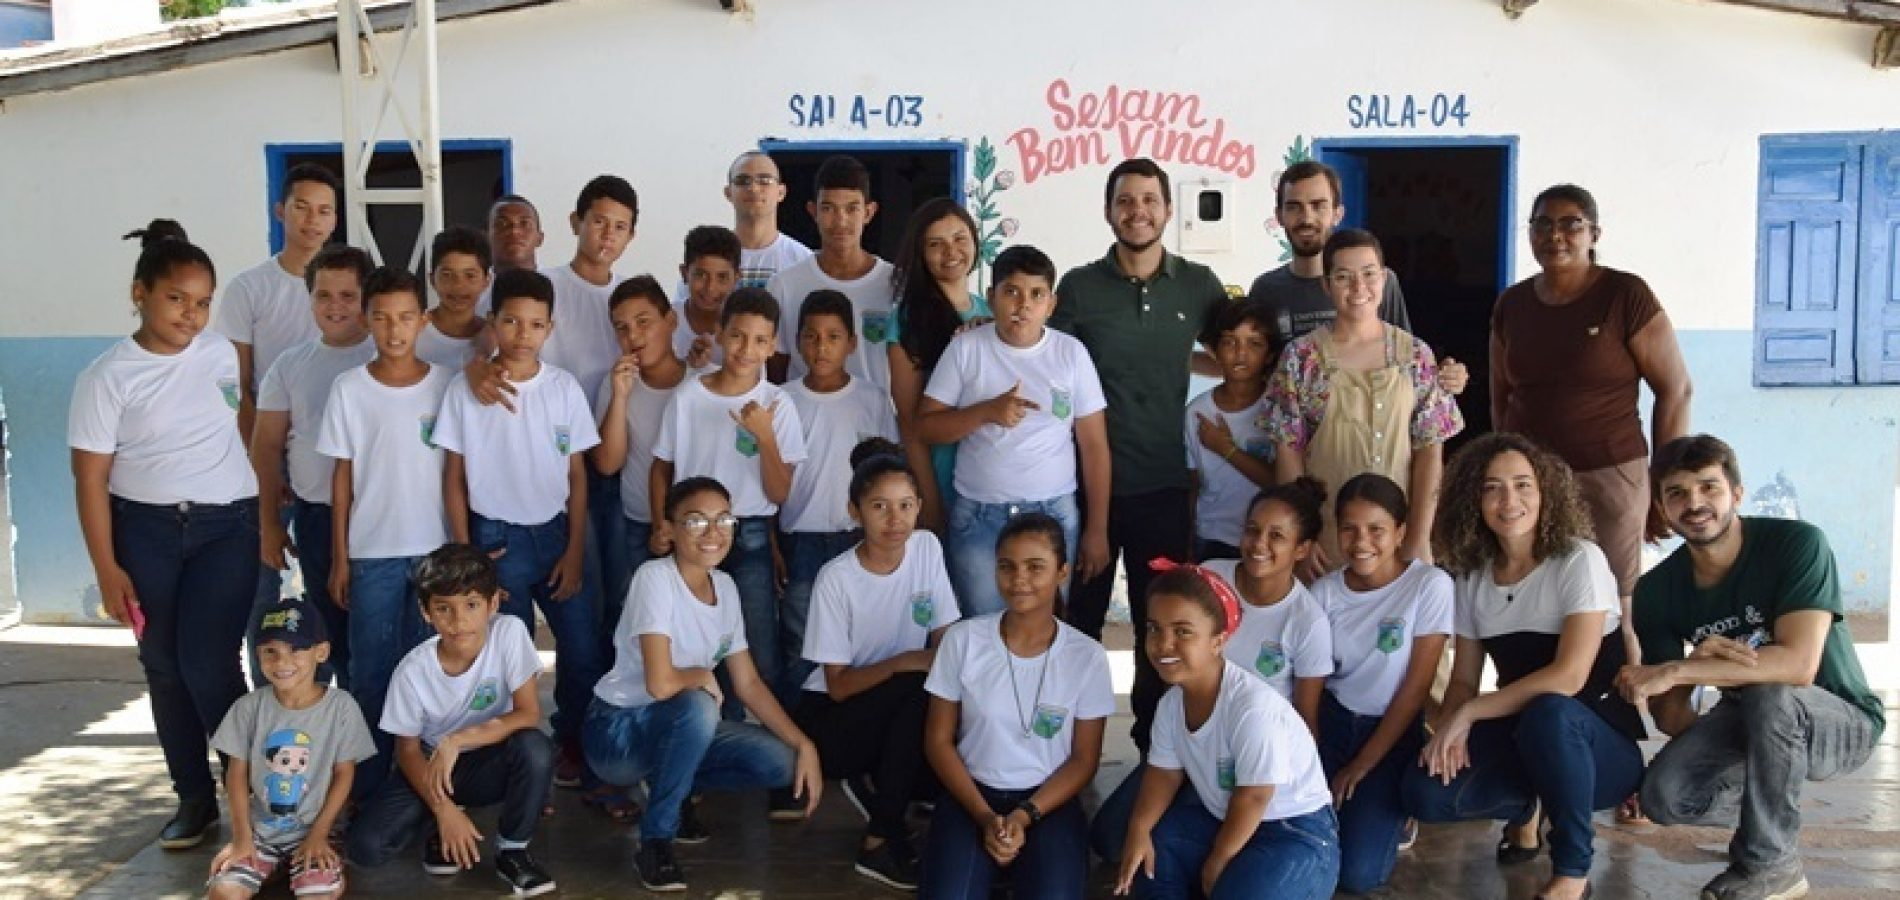 PICOS   Alunos da UFPI promovem atividades com crianças do Pelotão Mirim da AABB